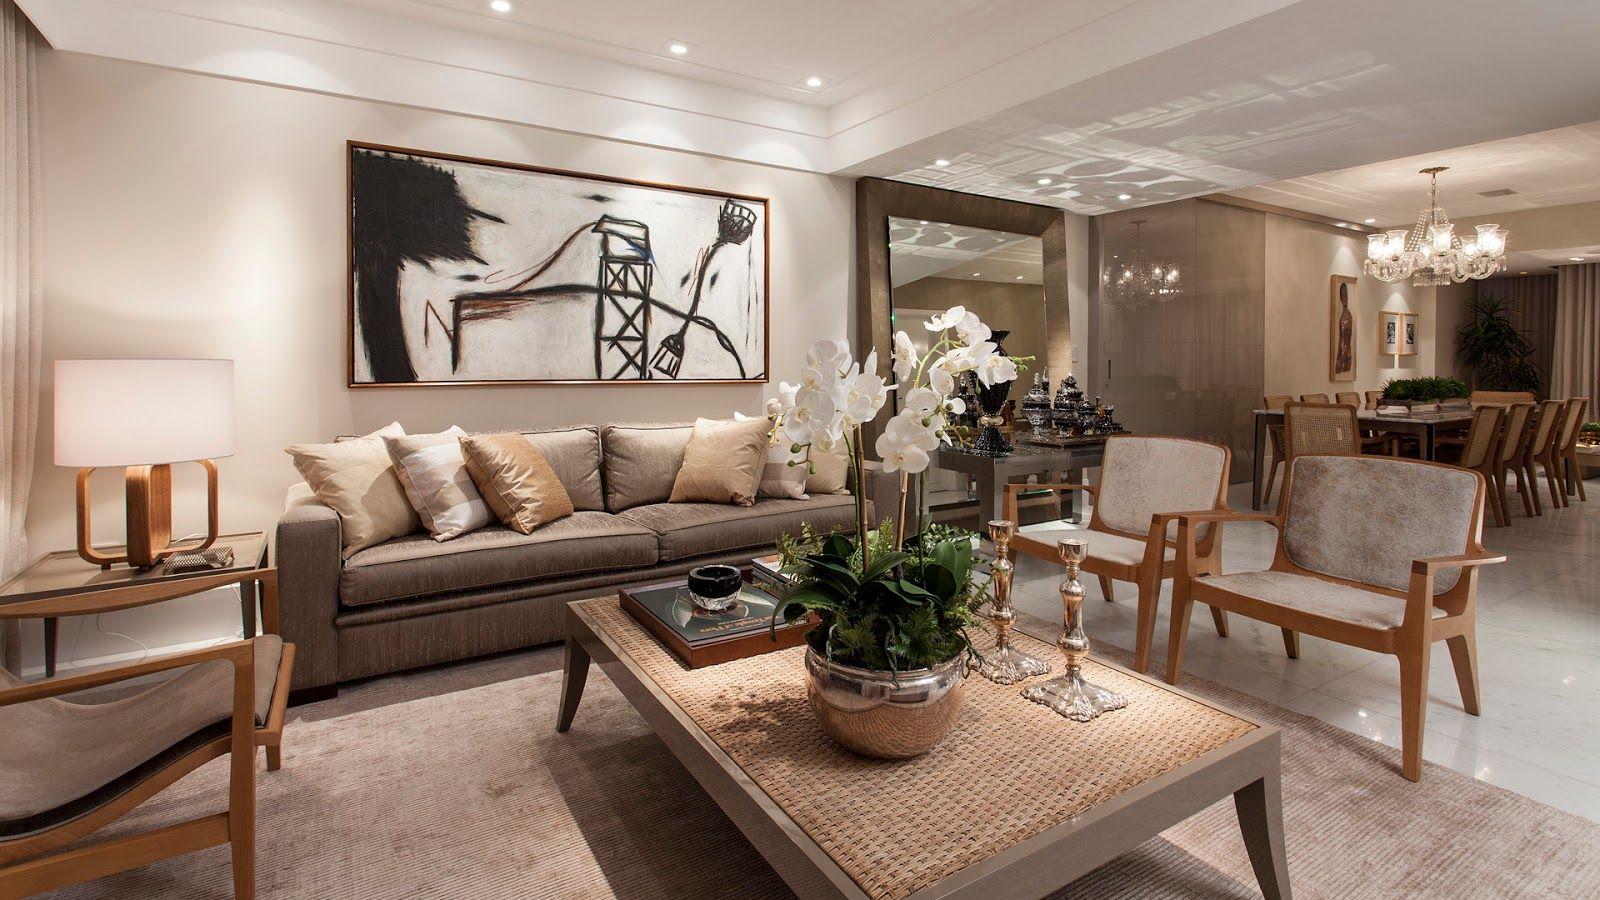 Salas de estar, jantar, tv, bate papo e varanda decoradas ... - photo#50